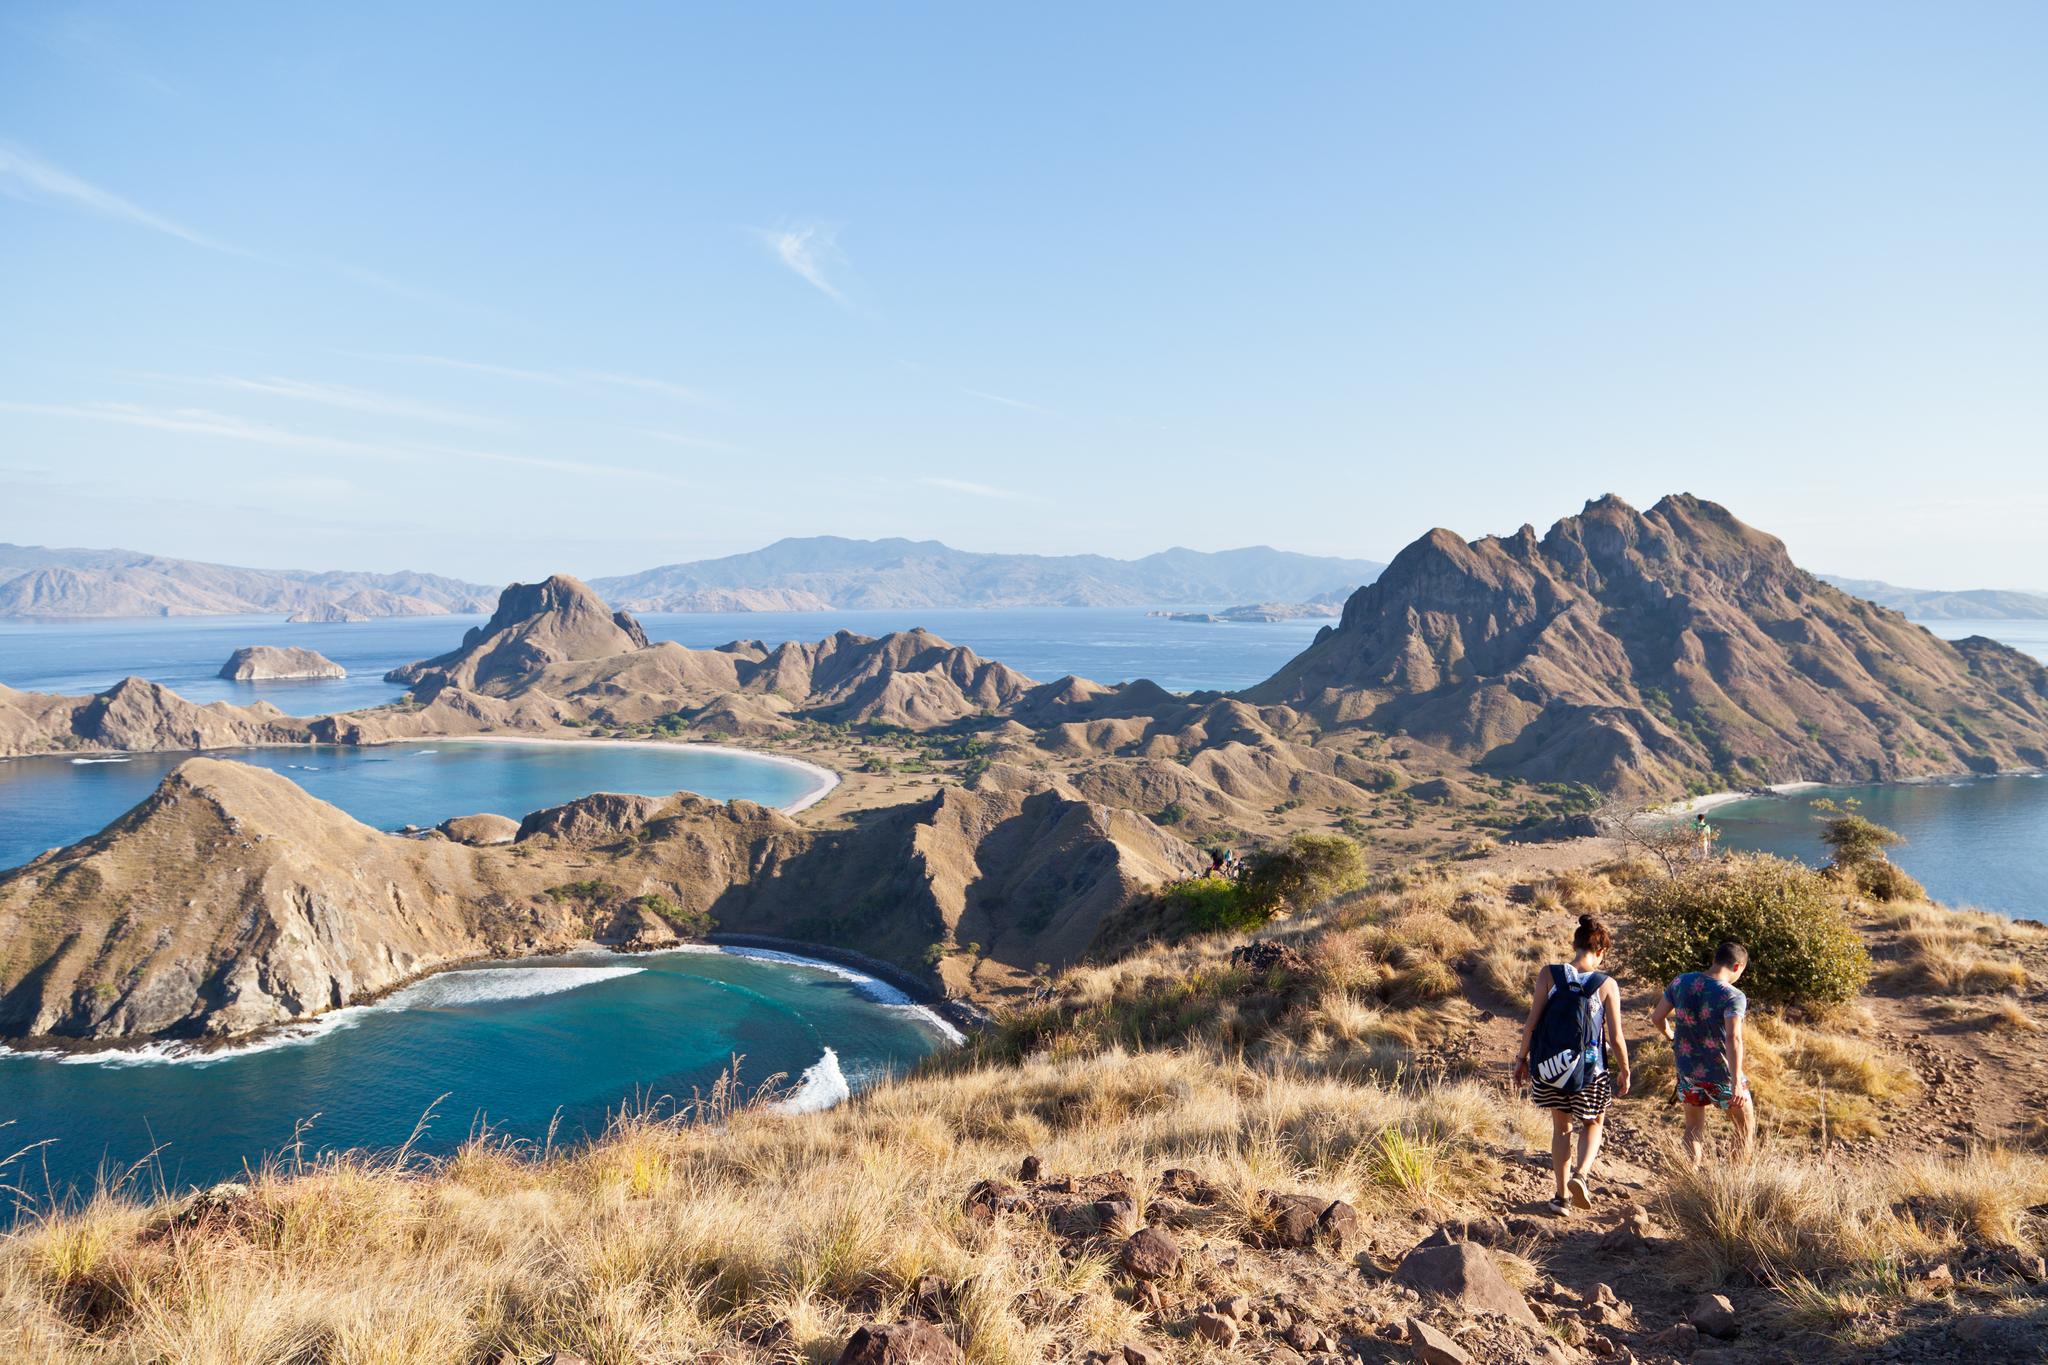 인도네시아 코모도 국립공원은 26개 섬으로 이뤄졌다. 2020년 한 해 동안 가장 큰 섬 '코모도'가 폐쇄되지만 다른 섬은 갈 수 있다. 사진은 하이킹 코스로 인기인 파다르 섬. 남쪽 정상부에 오르면 색깔이 다른 해변 3개가 한눈에 들어온다. 최승표 기자